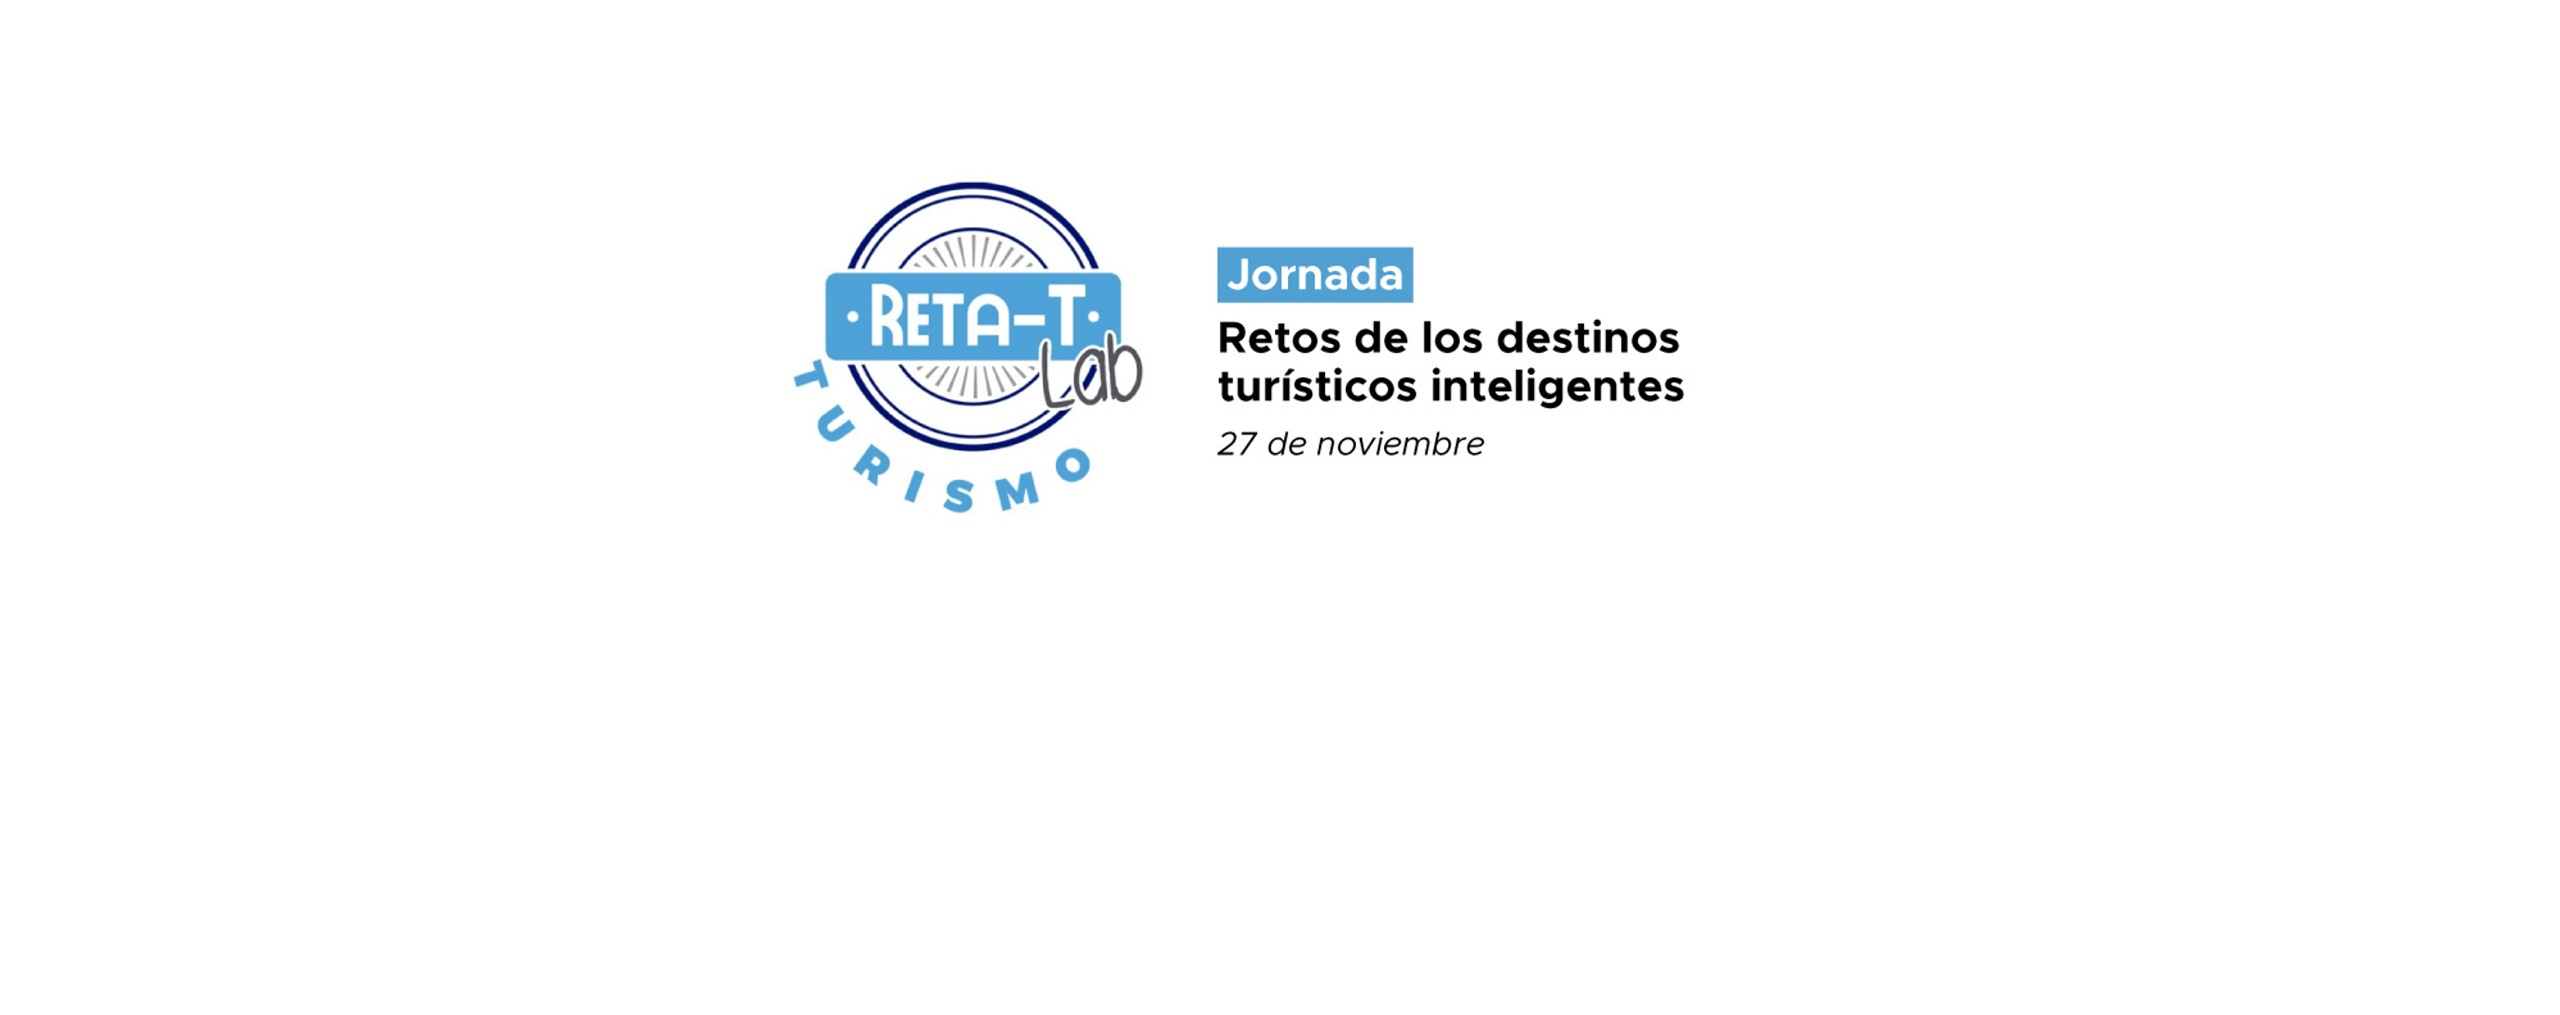 retattlab-banner